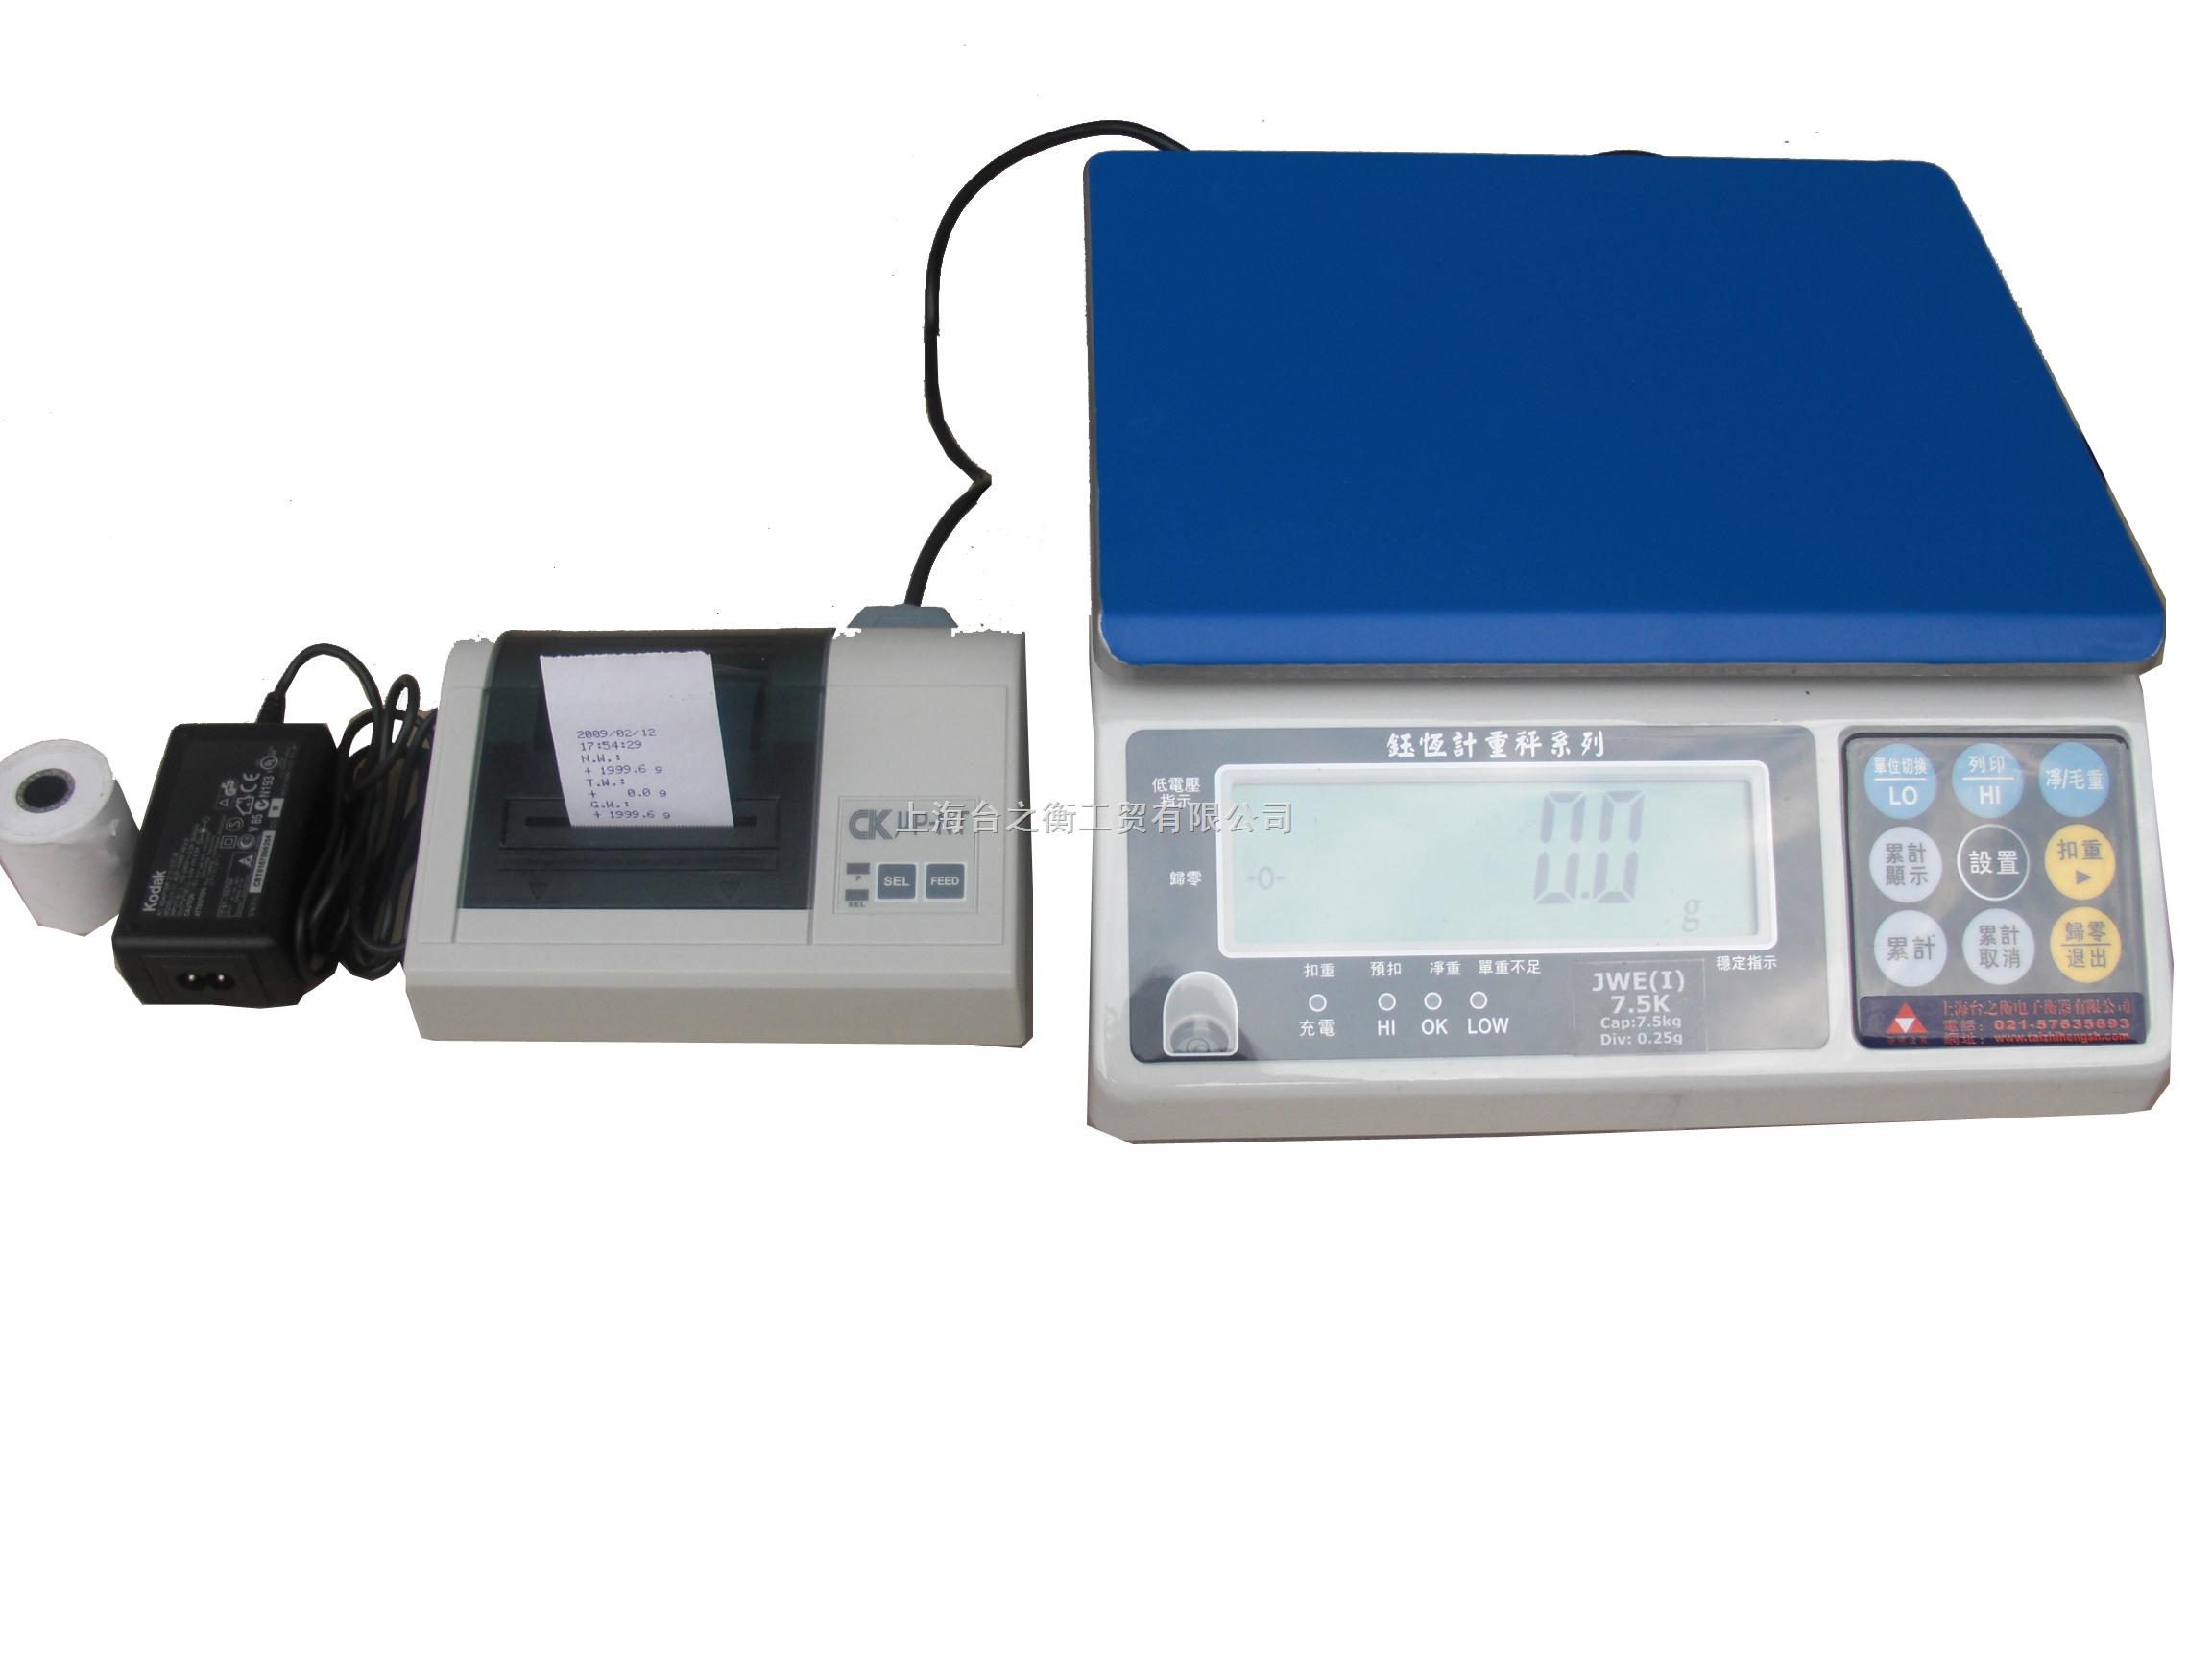 【尽显台之衡电子秤本色,30公斤带打印桌秤,6千克电子打印桌秤,3kg带打印电子桌秤】